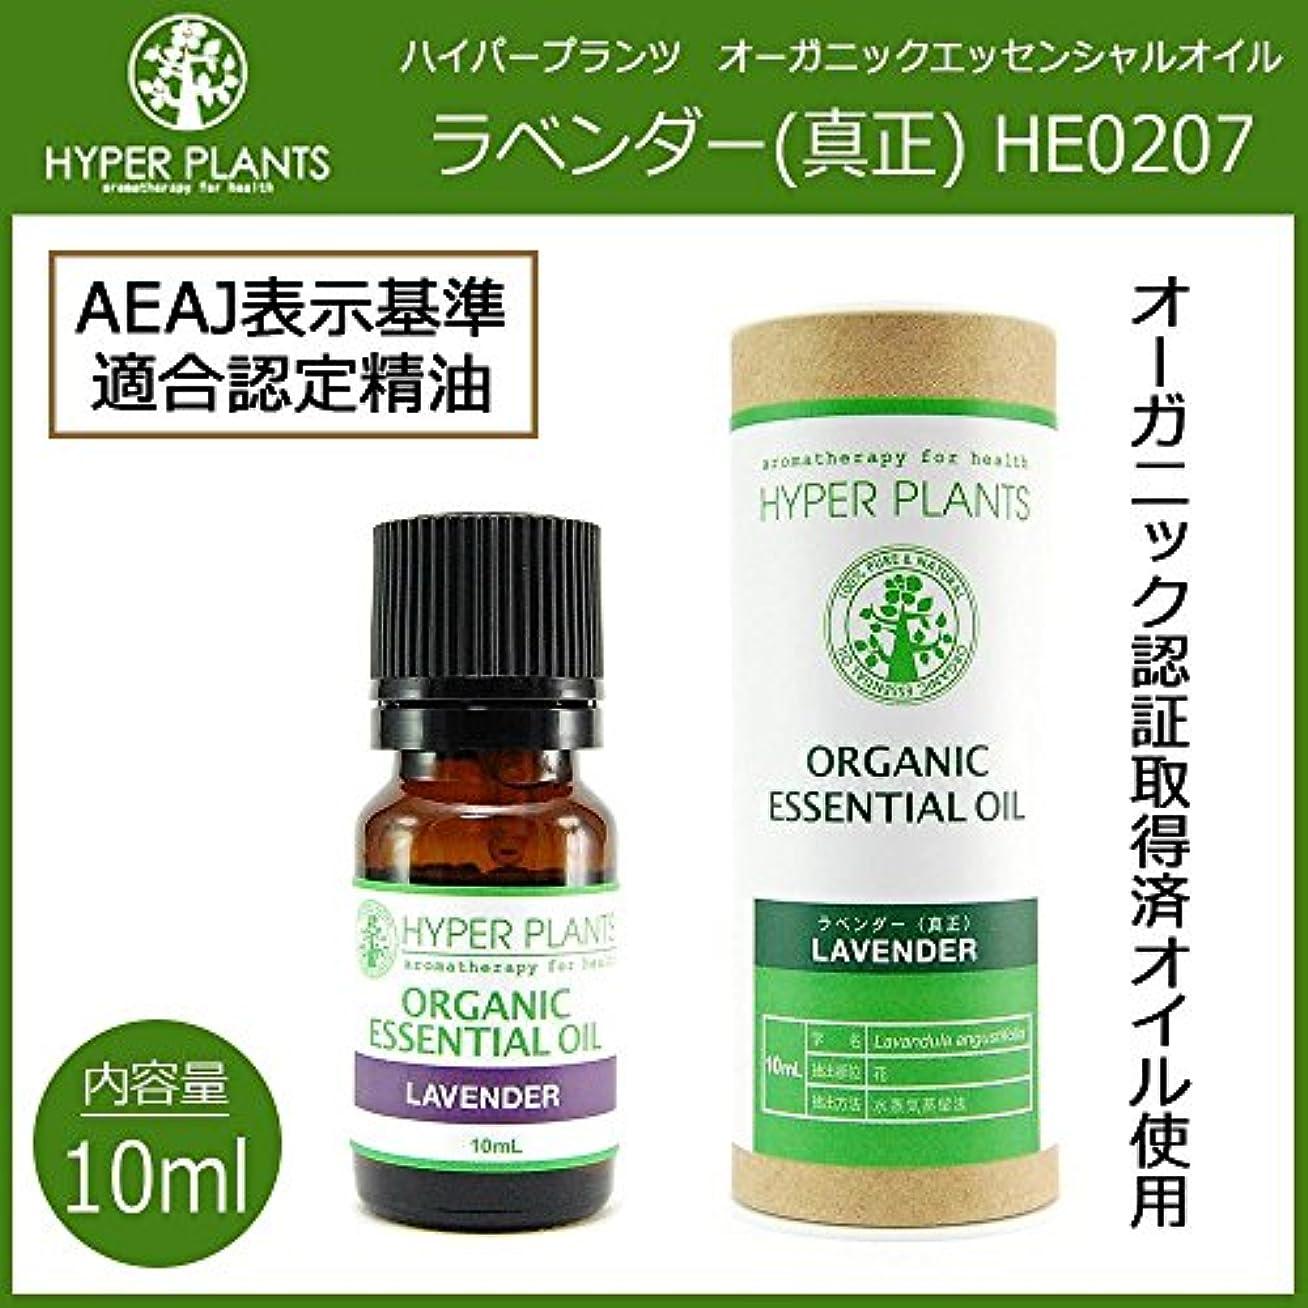 病な植物学者制限されたHYPER PLANTS ハイパープランツ オーガニックエッセンシャルオイル ラベンダー(真正) 10ml HE0207